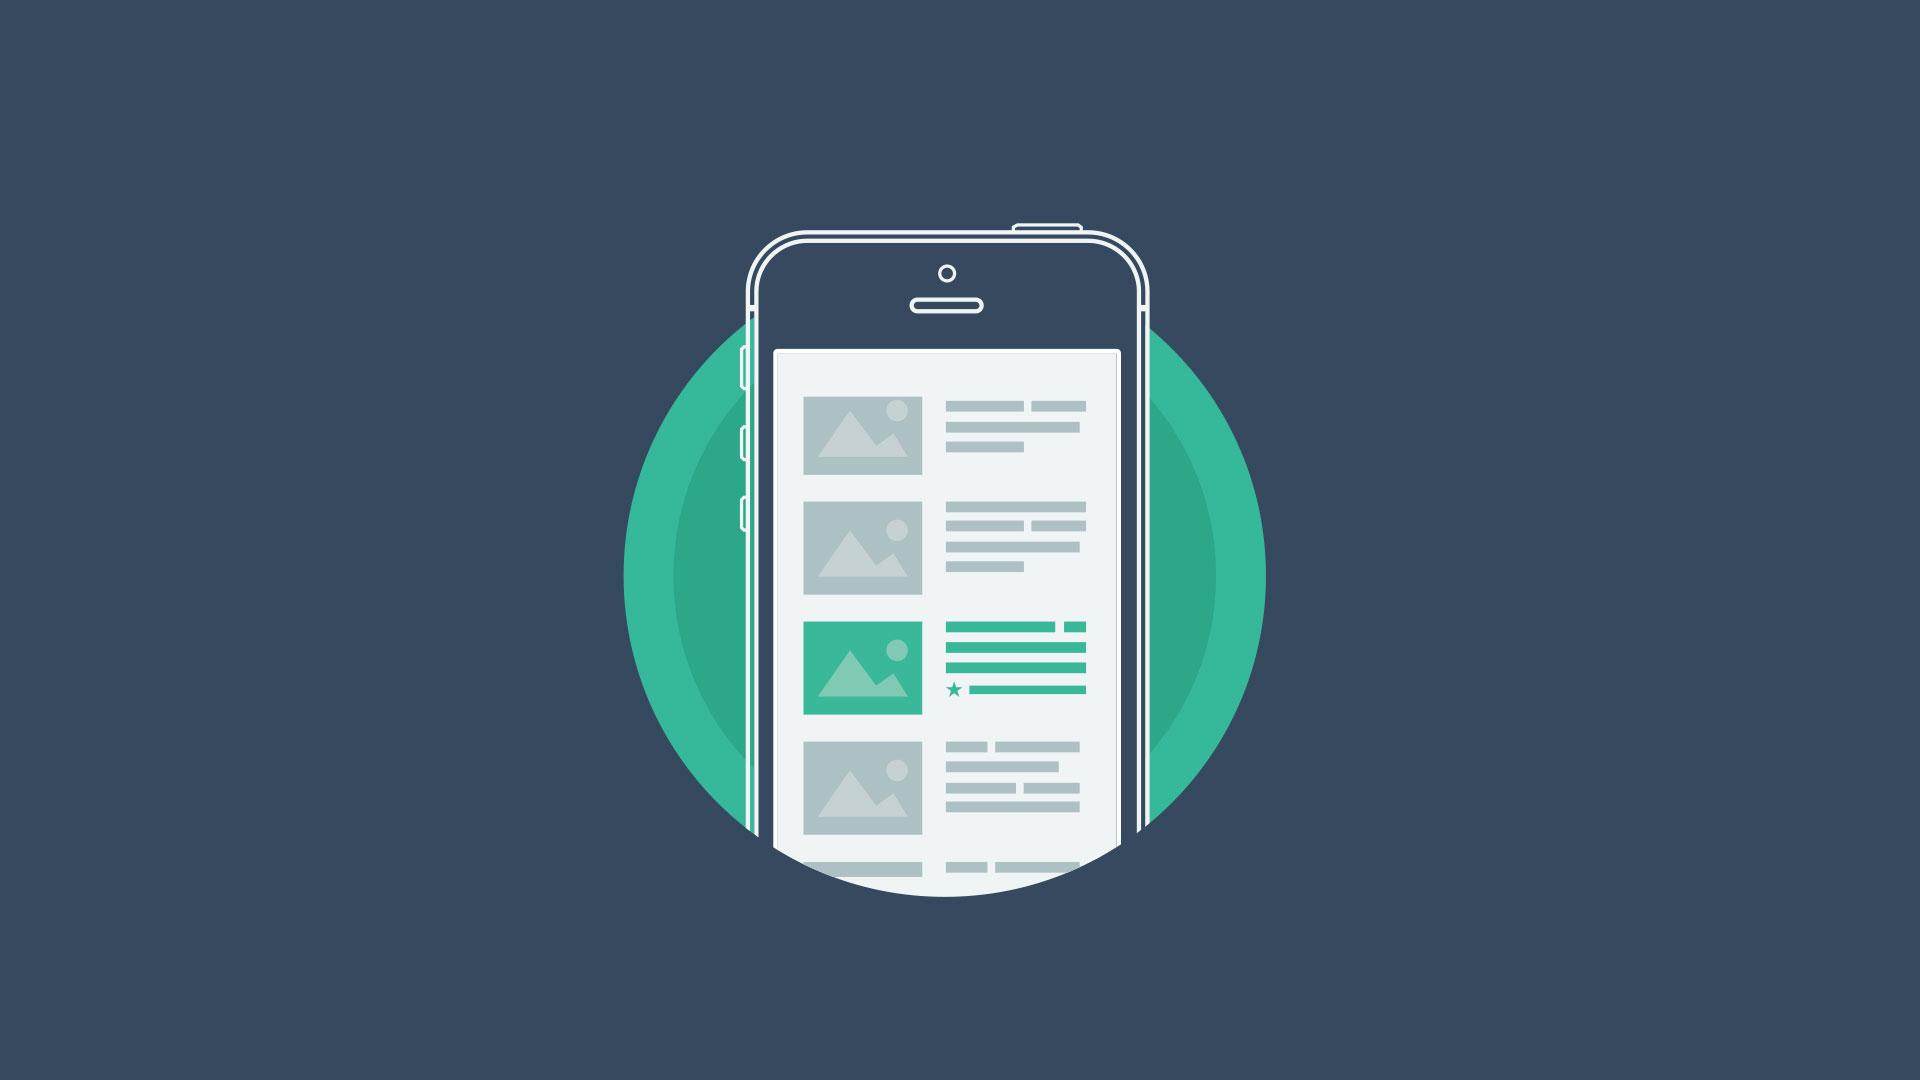 Нативная реклама постепенно заменяет баннерную на мобильных устройствах, и вот почему… - 2